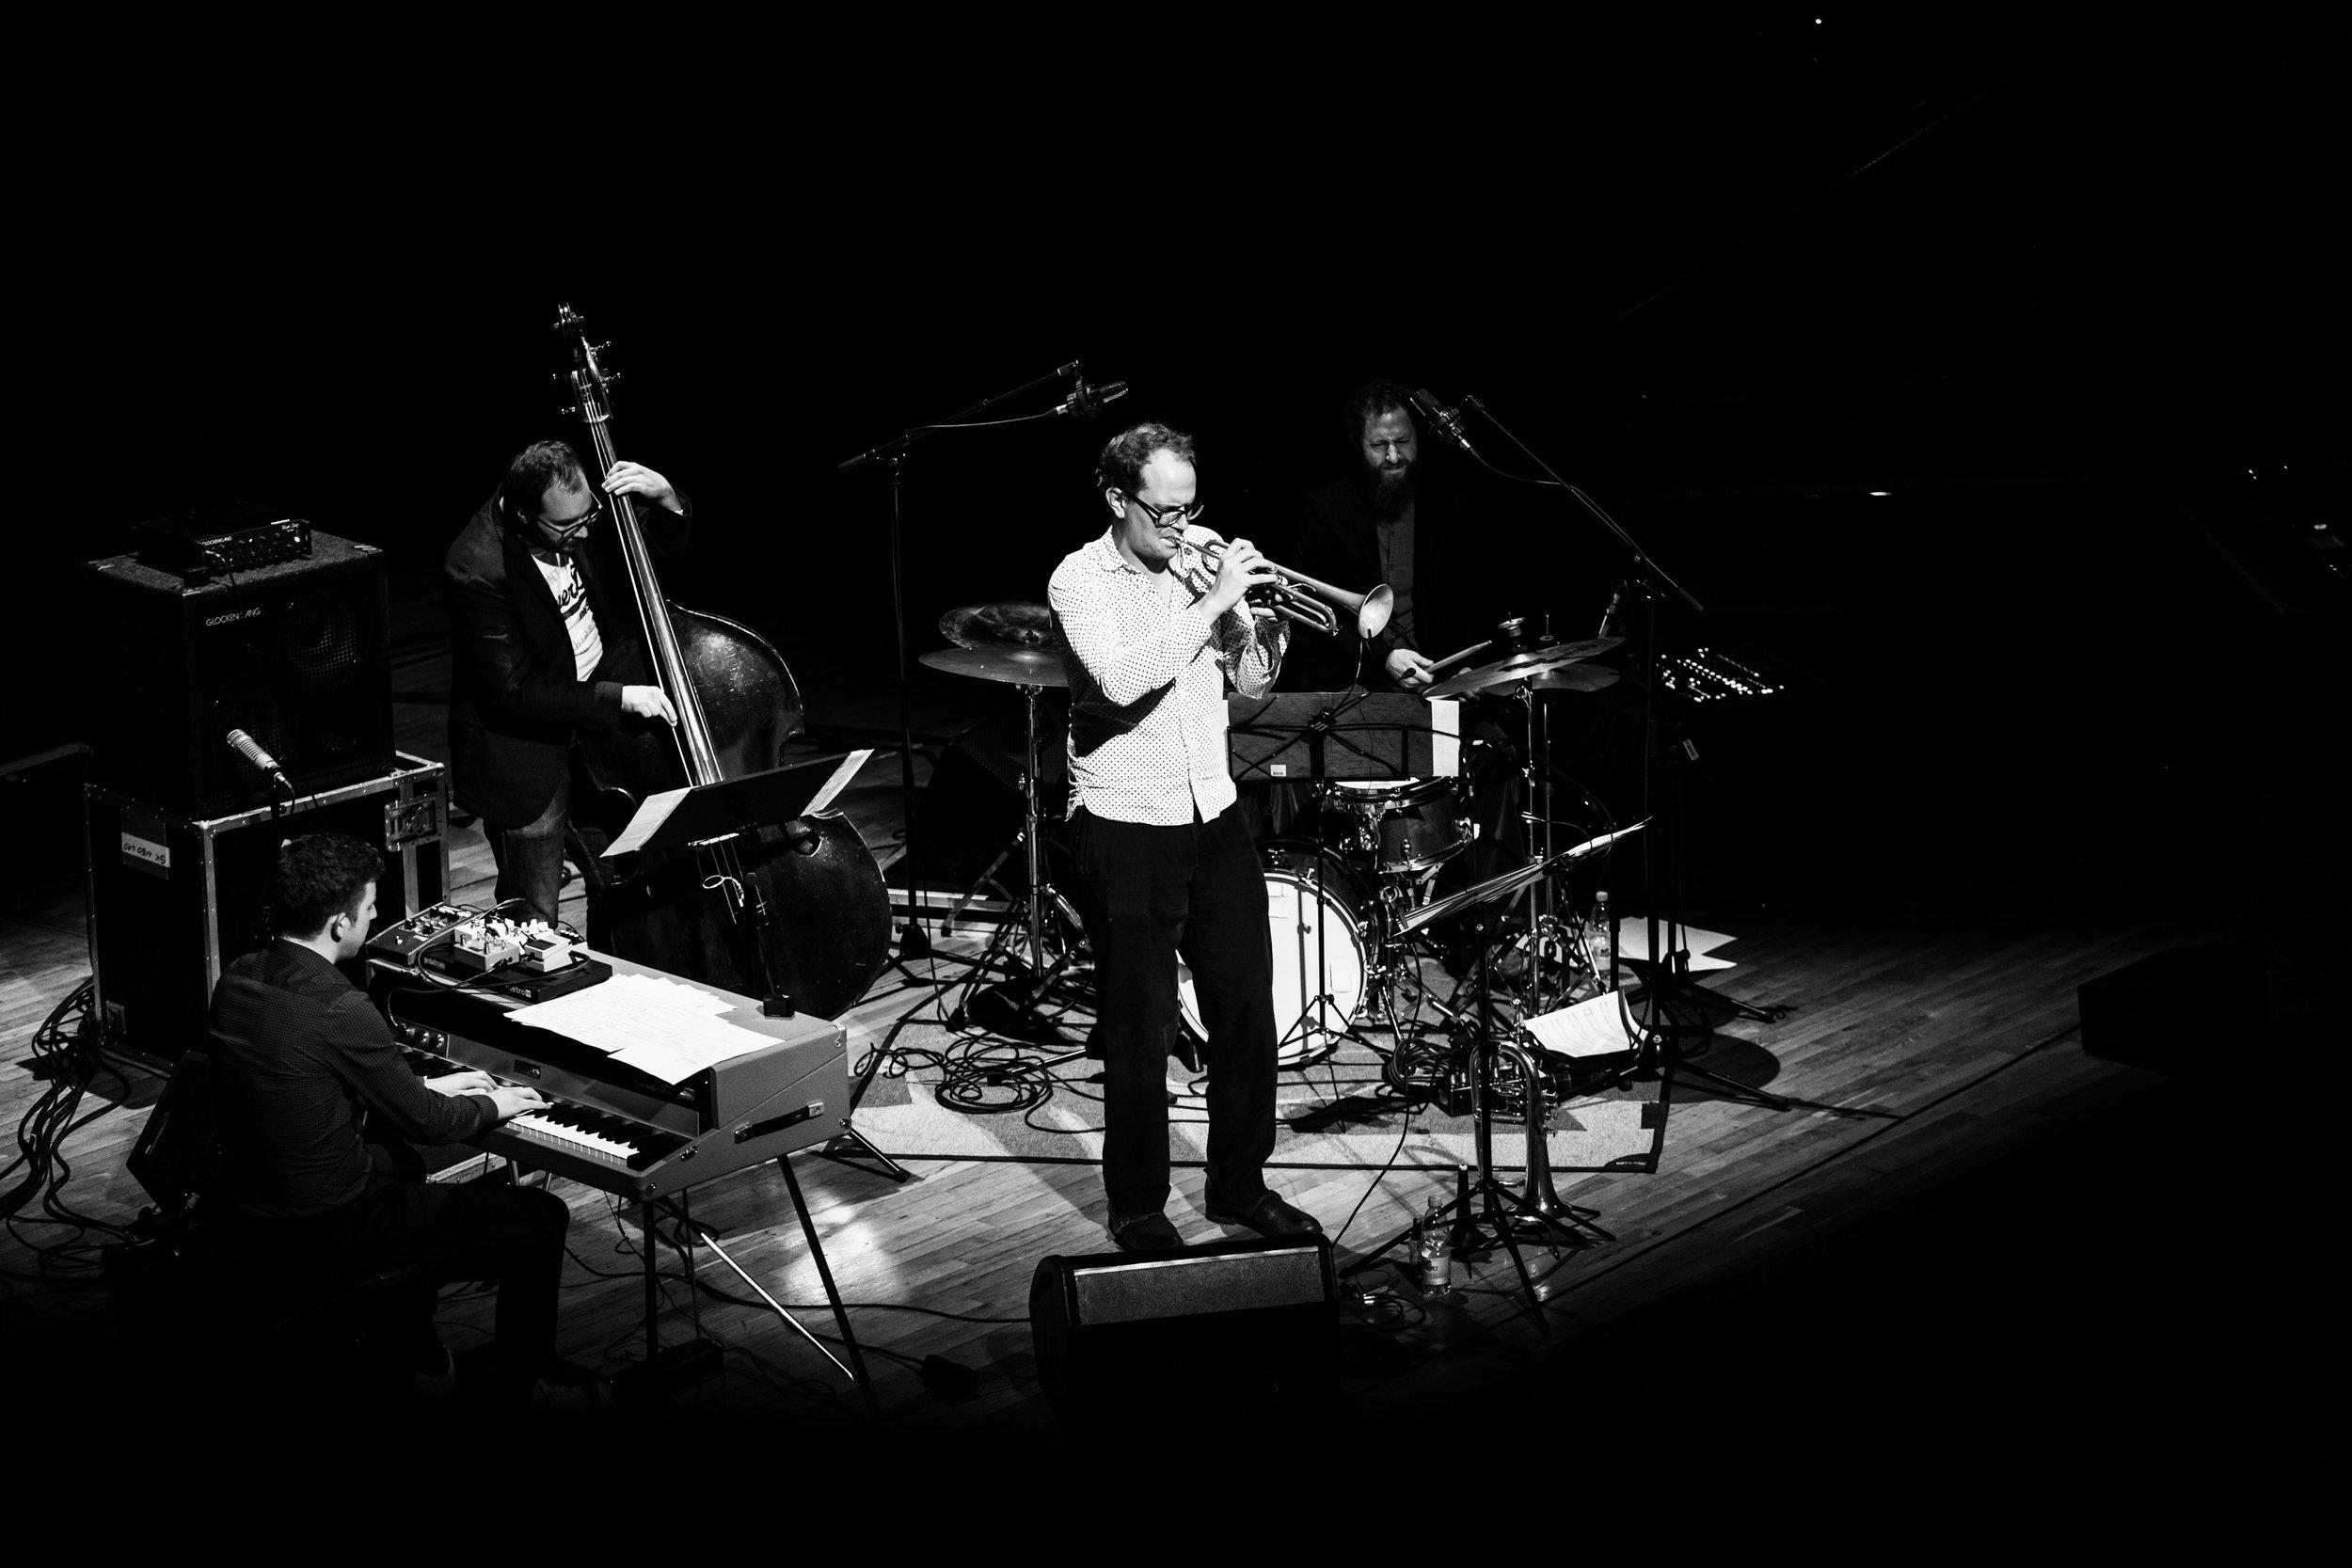 20171102_jazzopen-night-26.jpg